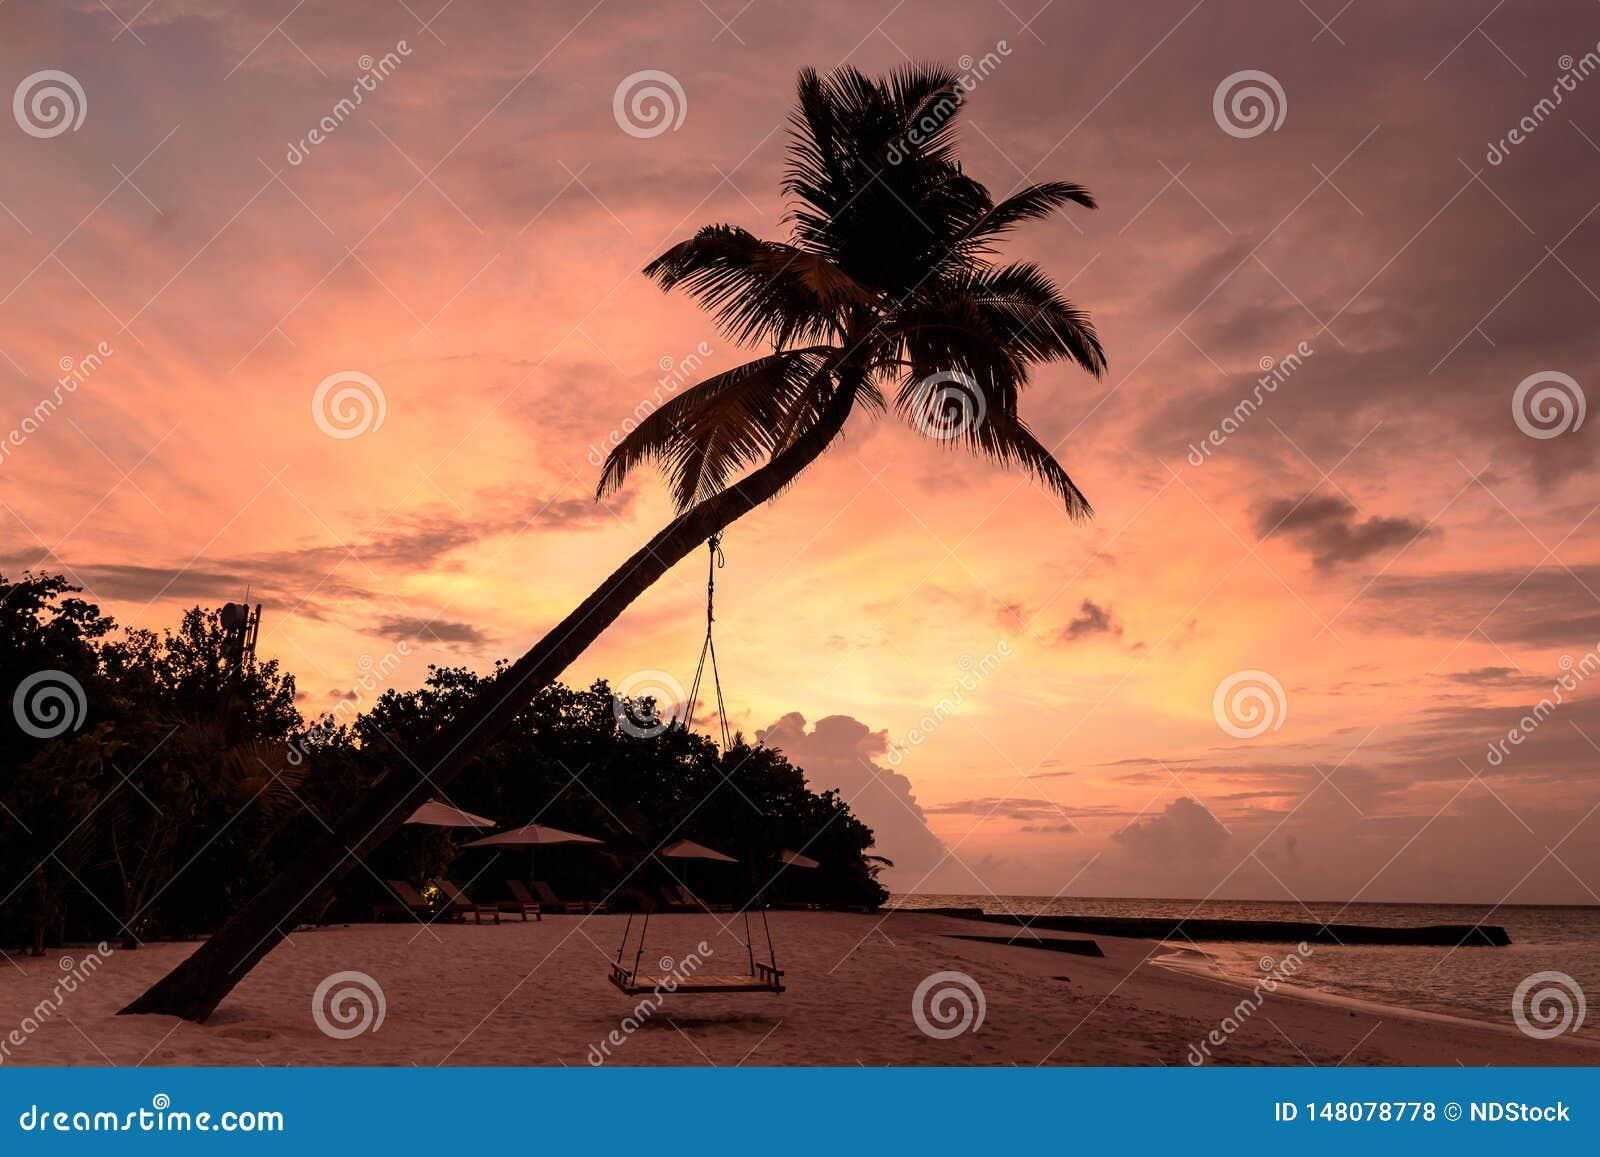 Beeld van een palm en een schommeling tijdens zonsondergang